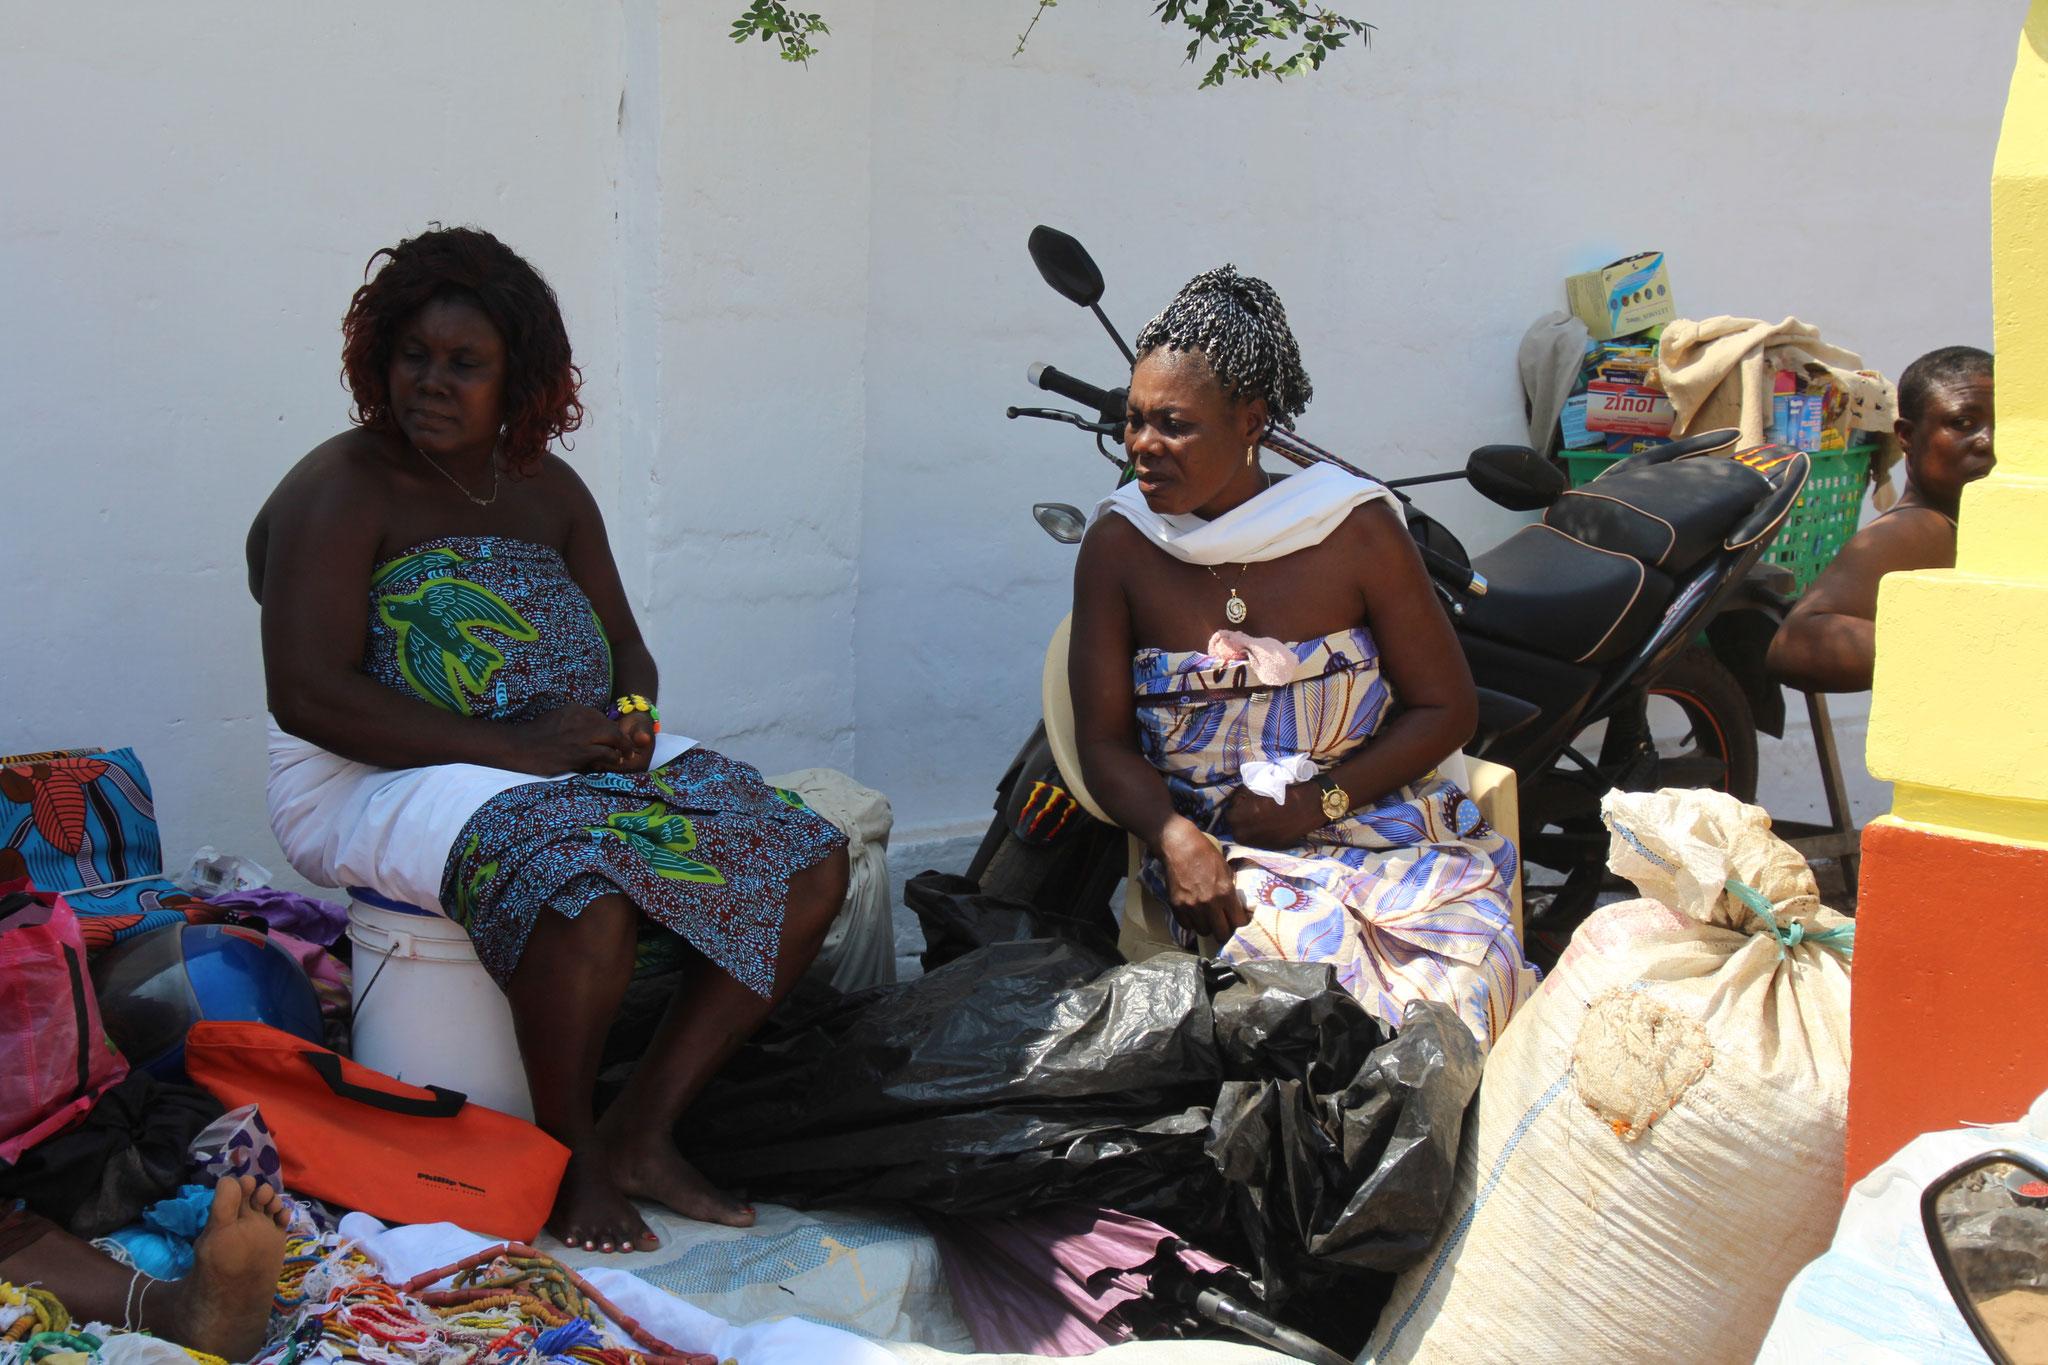 7. Diese 2 Frauen betreiben einen Marktstand.